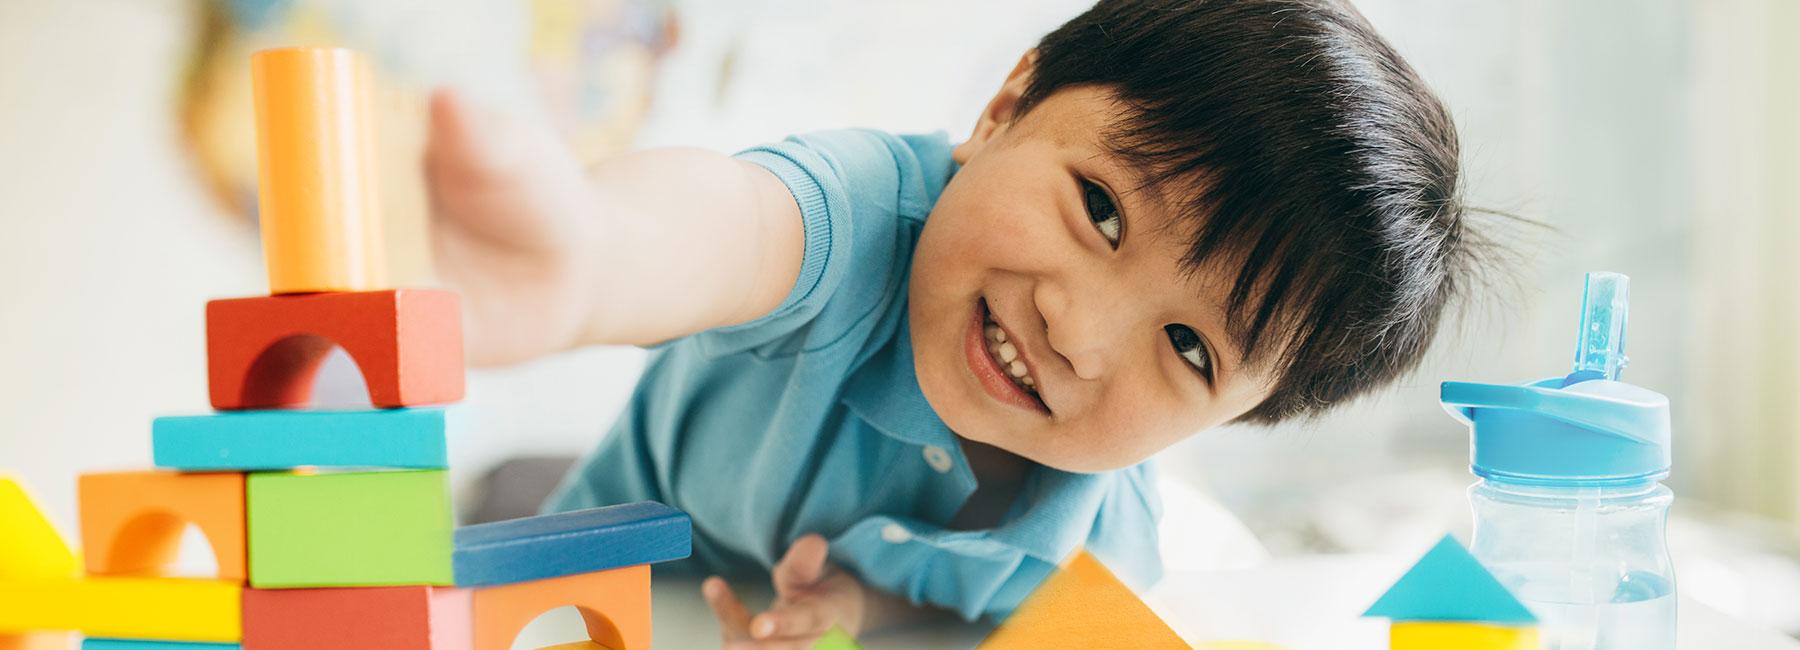 Un garçon construit une tour de blocs